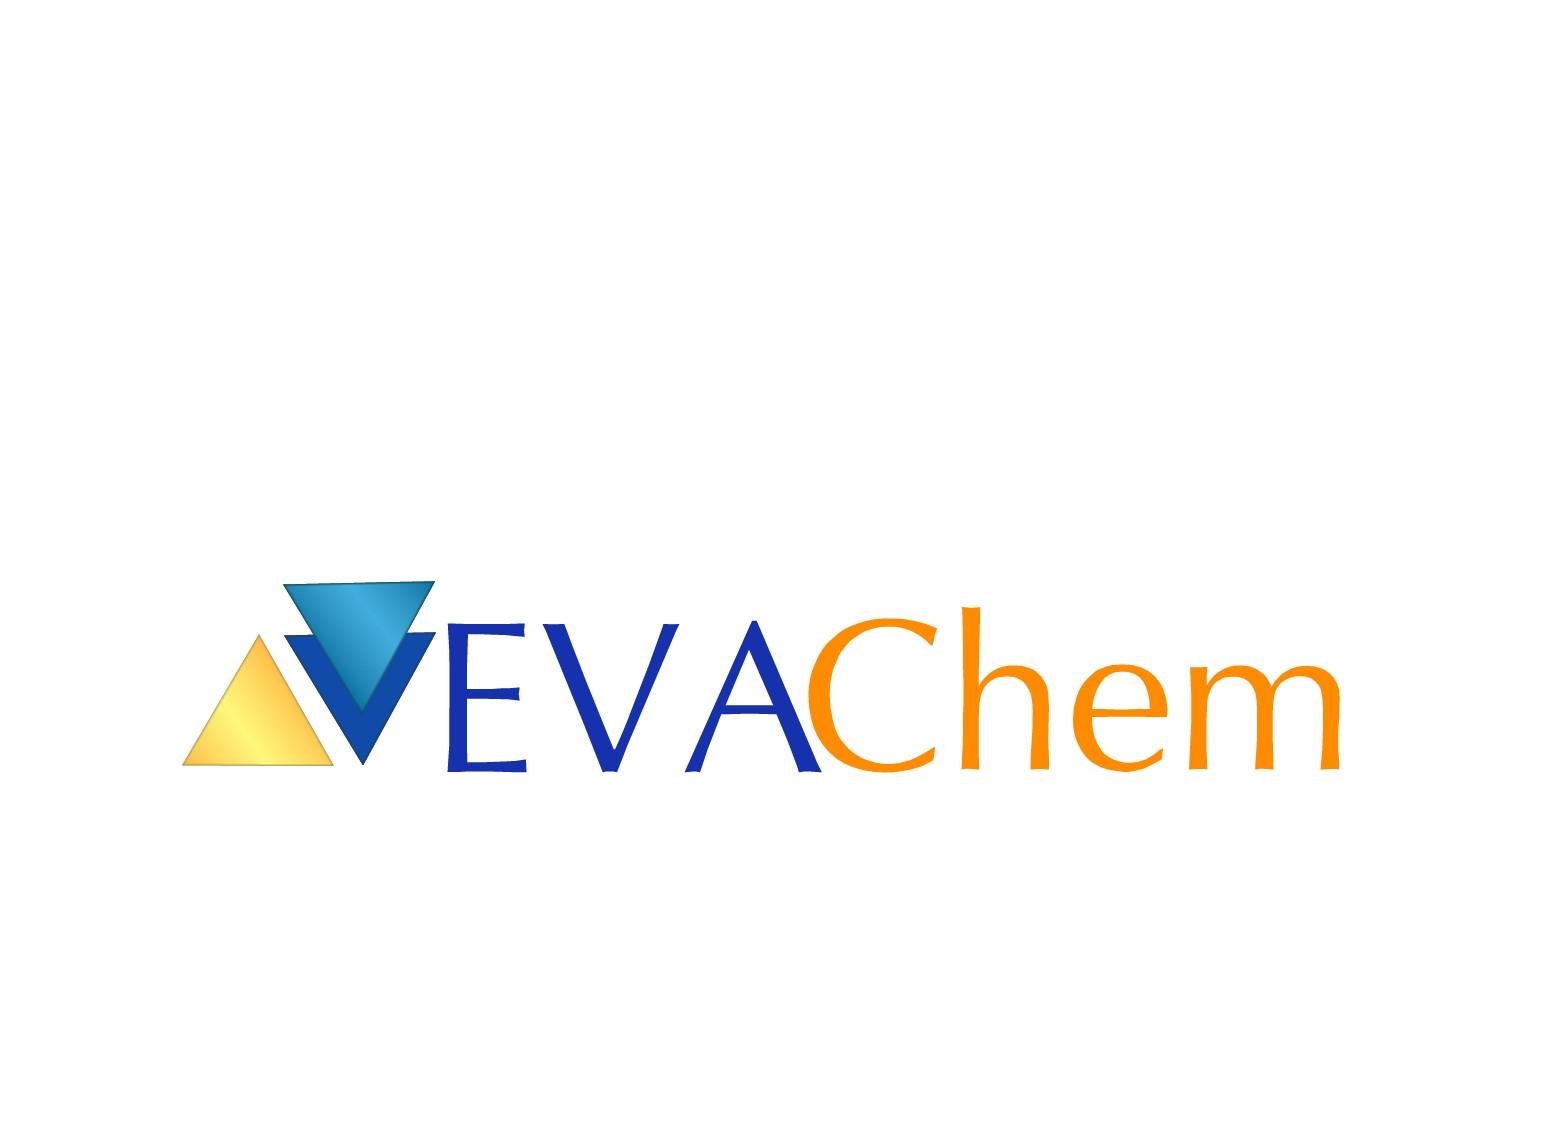 Разработка логотипа и фирменного стиля компании фото f_406571cb554b0914.jpg